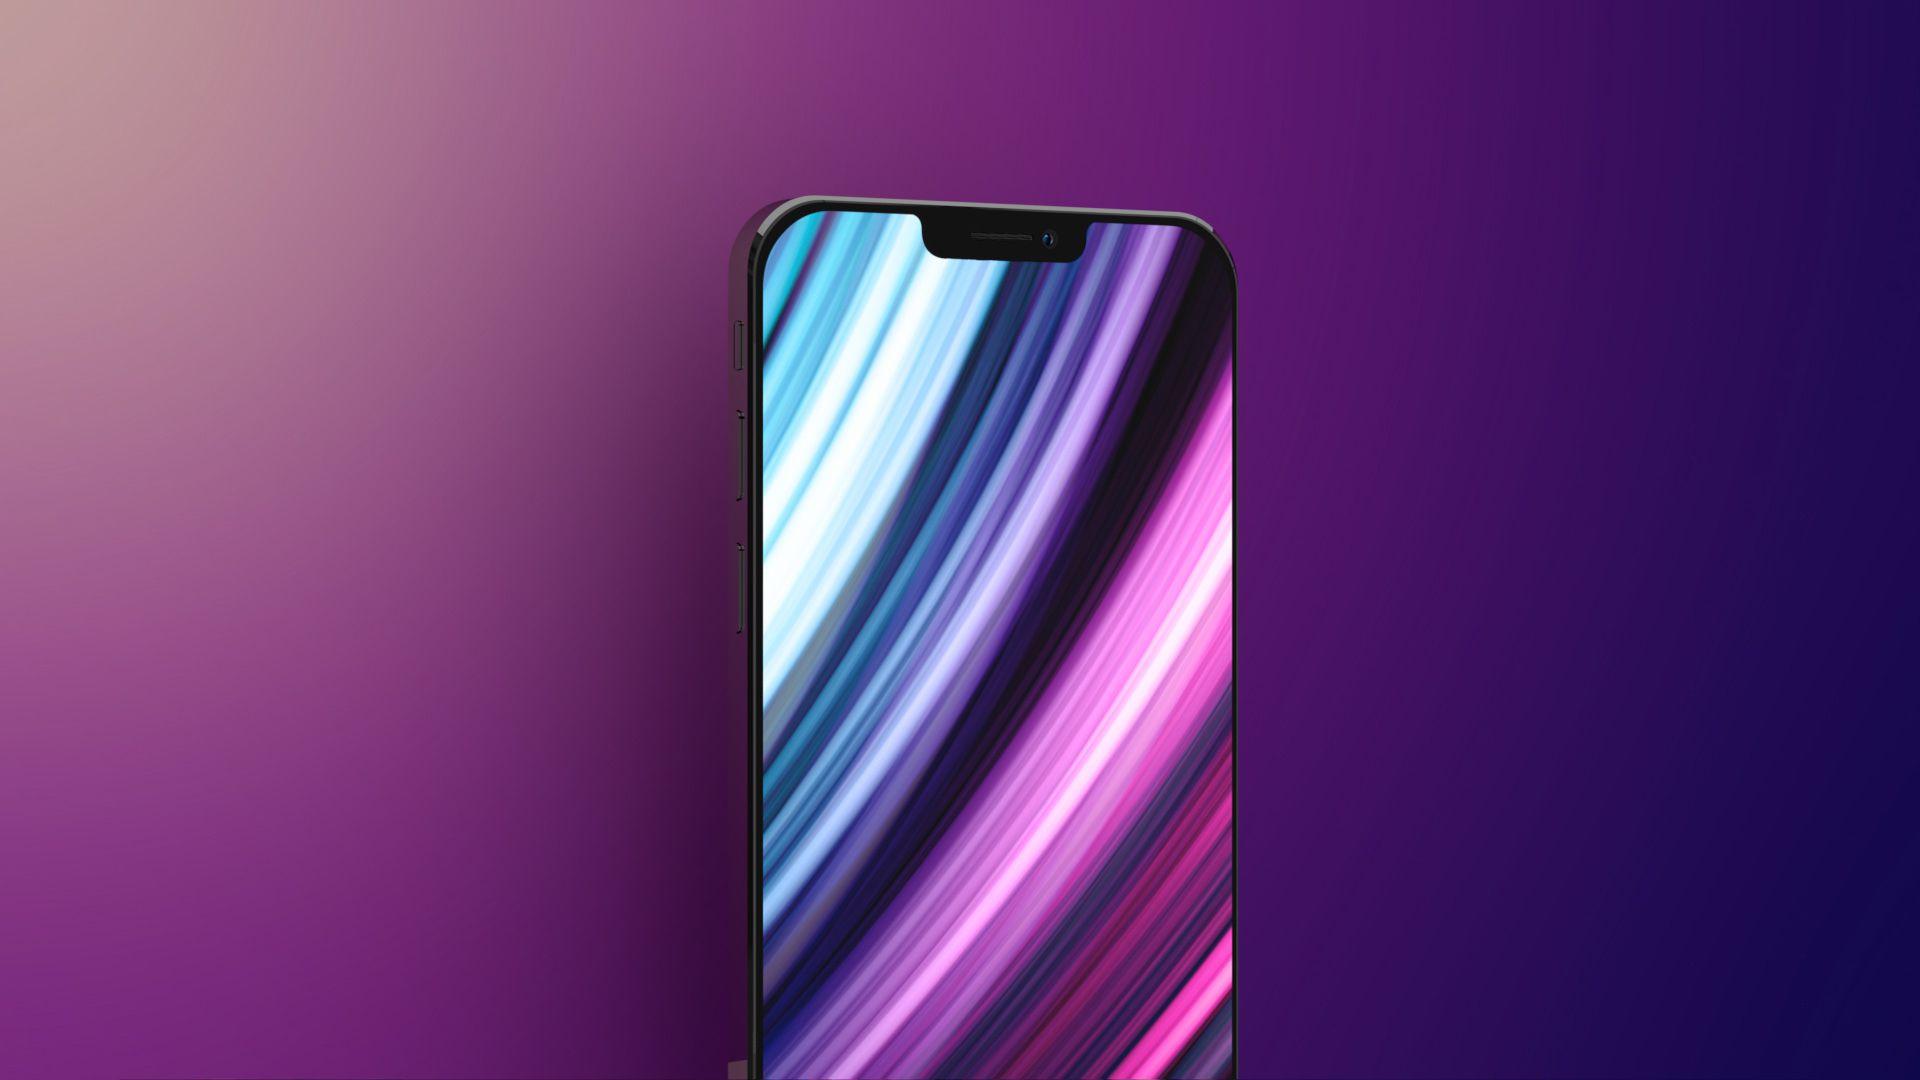 tin-don-iphone-13-duoc-trang-bi-magsafe-man-hinh-120hz-touch-id-va-snapdragon-x60-5g-1